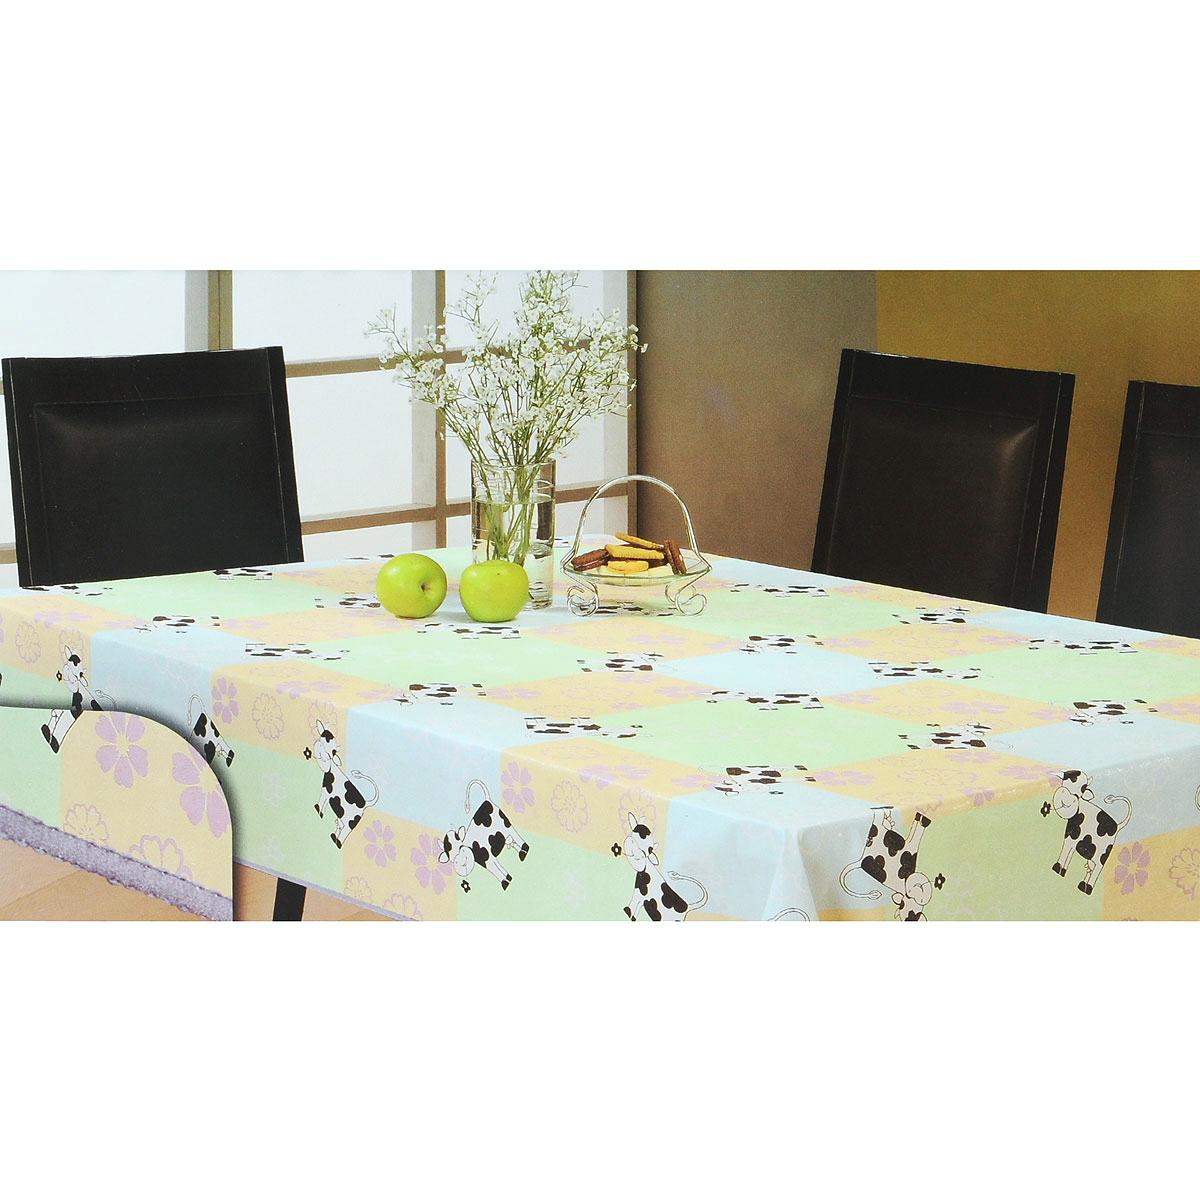 Скатерть White Fox Буренка, прямоугольная, цвет: голубой, светло-зеленый, 152 x 228 смWКTC72-270Прямоугольная скатерть White Fox Буренка, выполненная из ПВХ с основой из флиса, предназначена для защиты стола от царапин, пятен и крошек. Край скатерти обработан строчкой. Скатерть оформлена изображением милых коров, а рифлёная поверхность формирует приятные тактильные ощущения, при этом частички пищи удаляются с легкостью и поверхность остается всегда чистой. Скатерть термостойкая, выдерживает температуру до +70 °C. Скатерть White Fox проста в уходе - её можно протирать любыми моющими средствами при необходимости. Скатерть упакована в виниловый пакет с внутренним цветным вкладышем и подвесом в виде крючка.